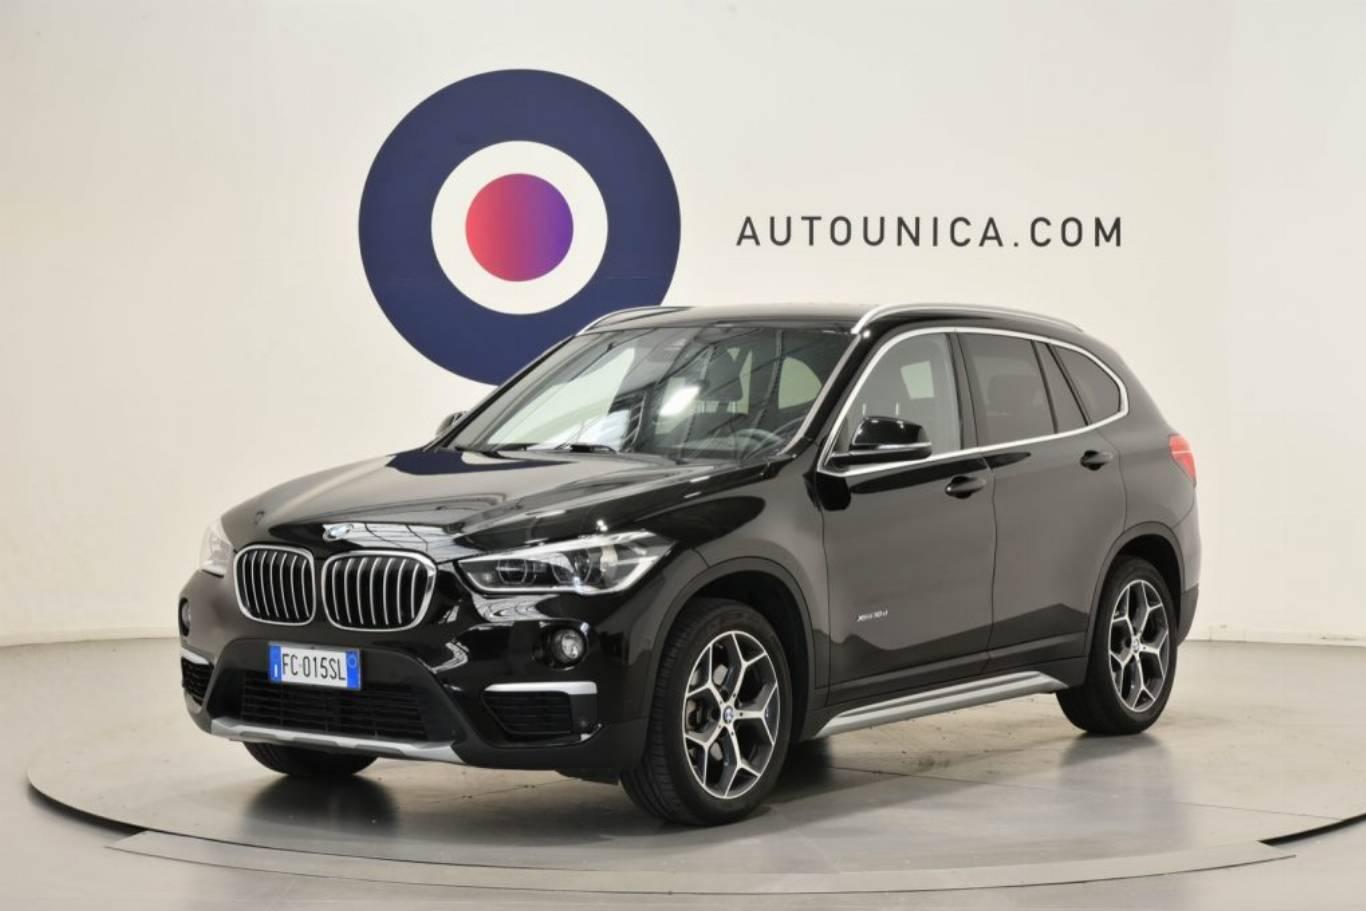 BMW - X1 XDRIVE 18D XLINE AUTOMATICA